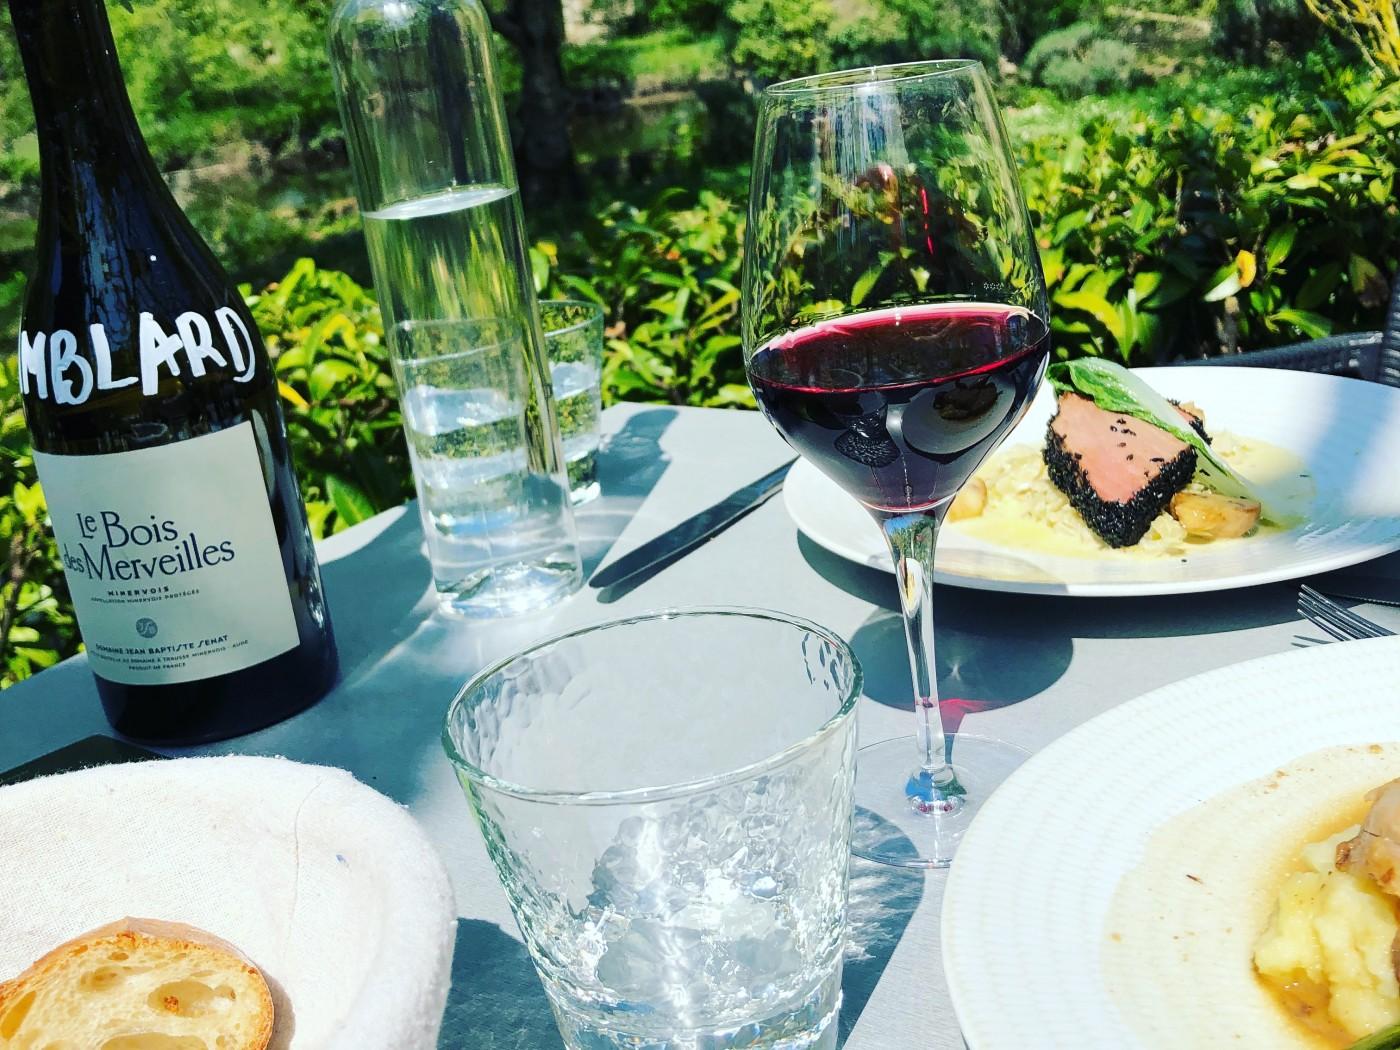 repas terrasse soleil vin saumon loire restaurant